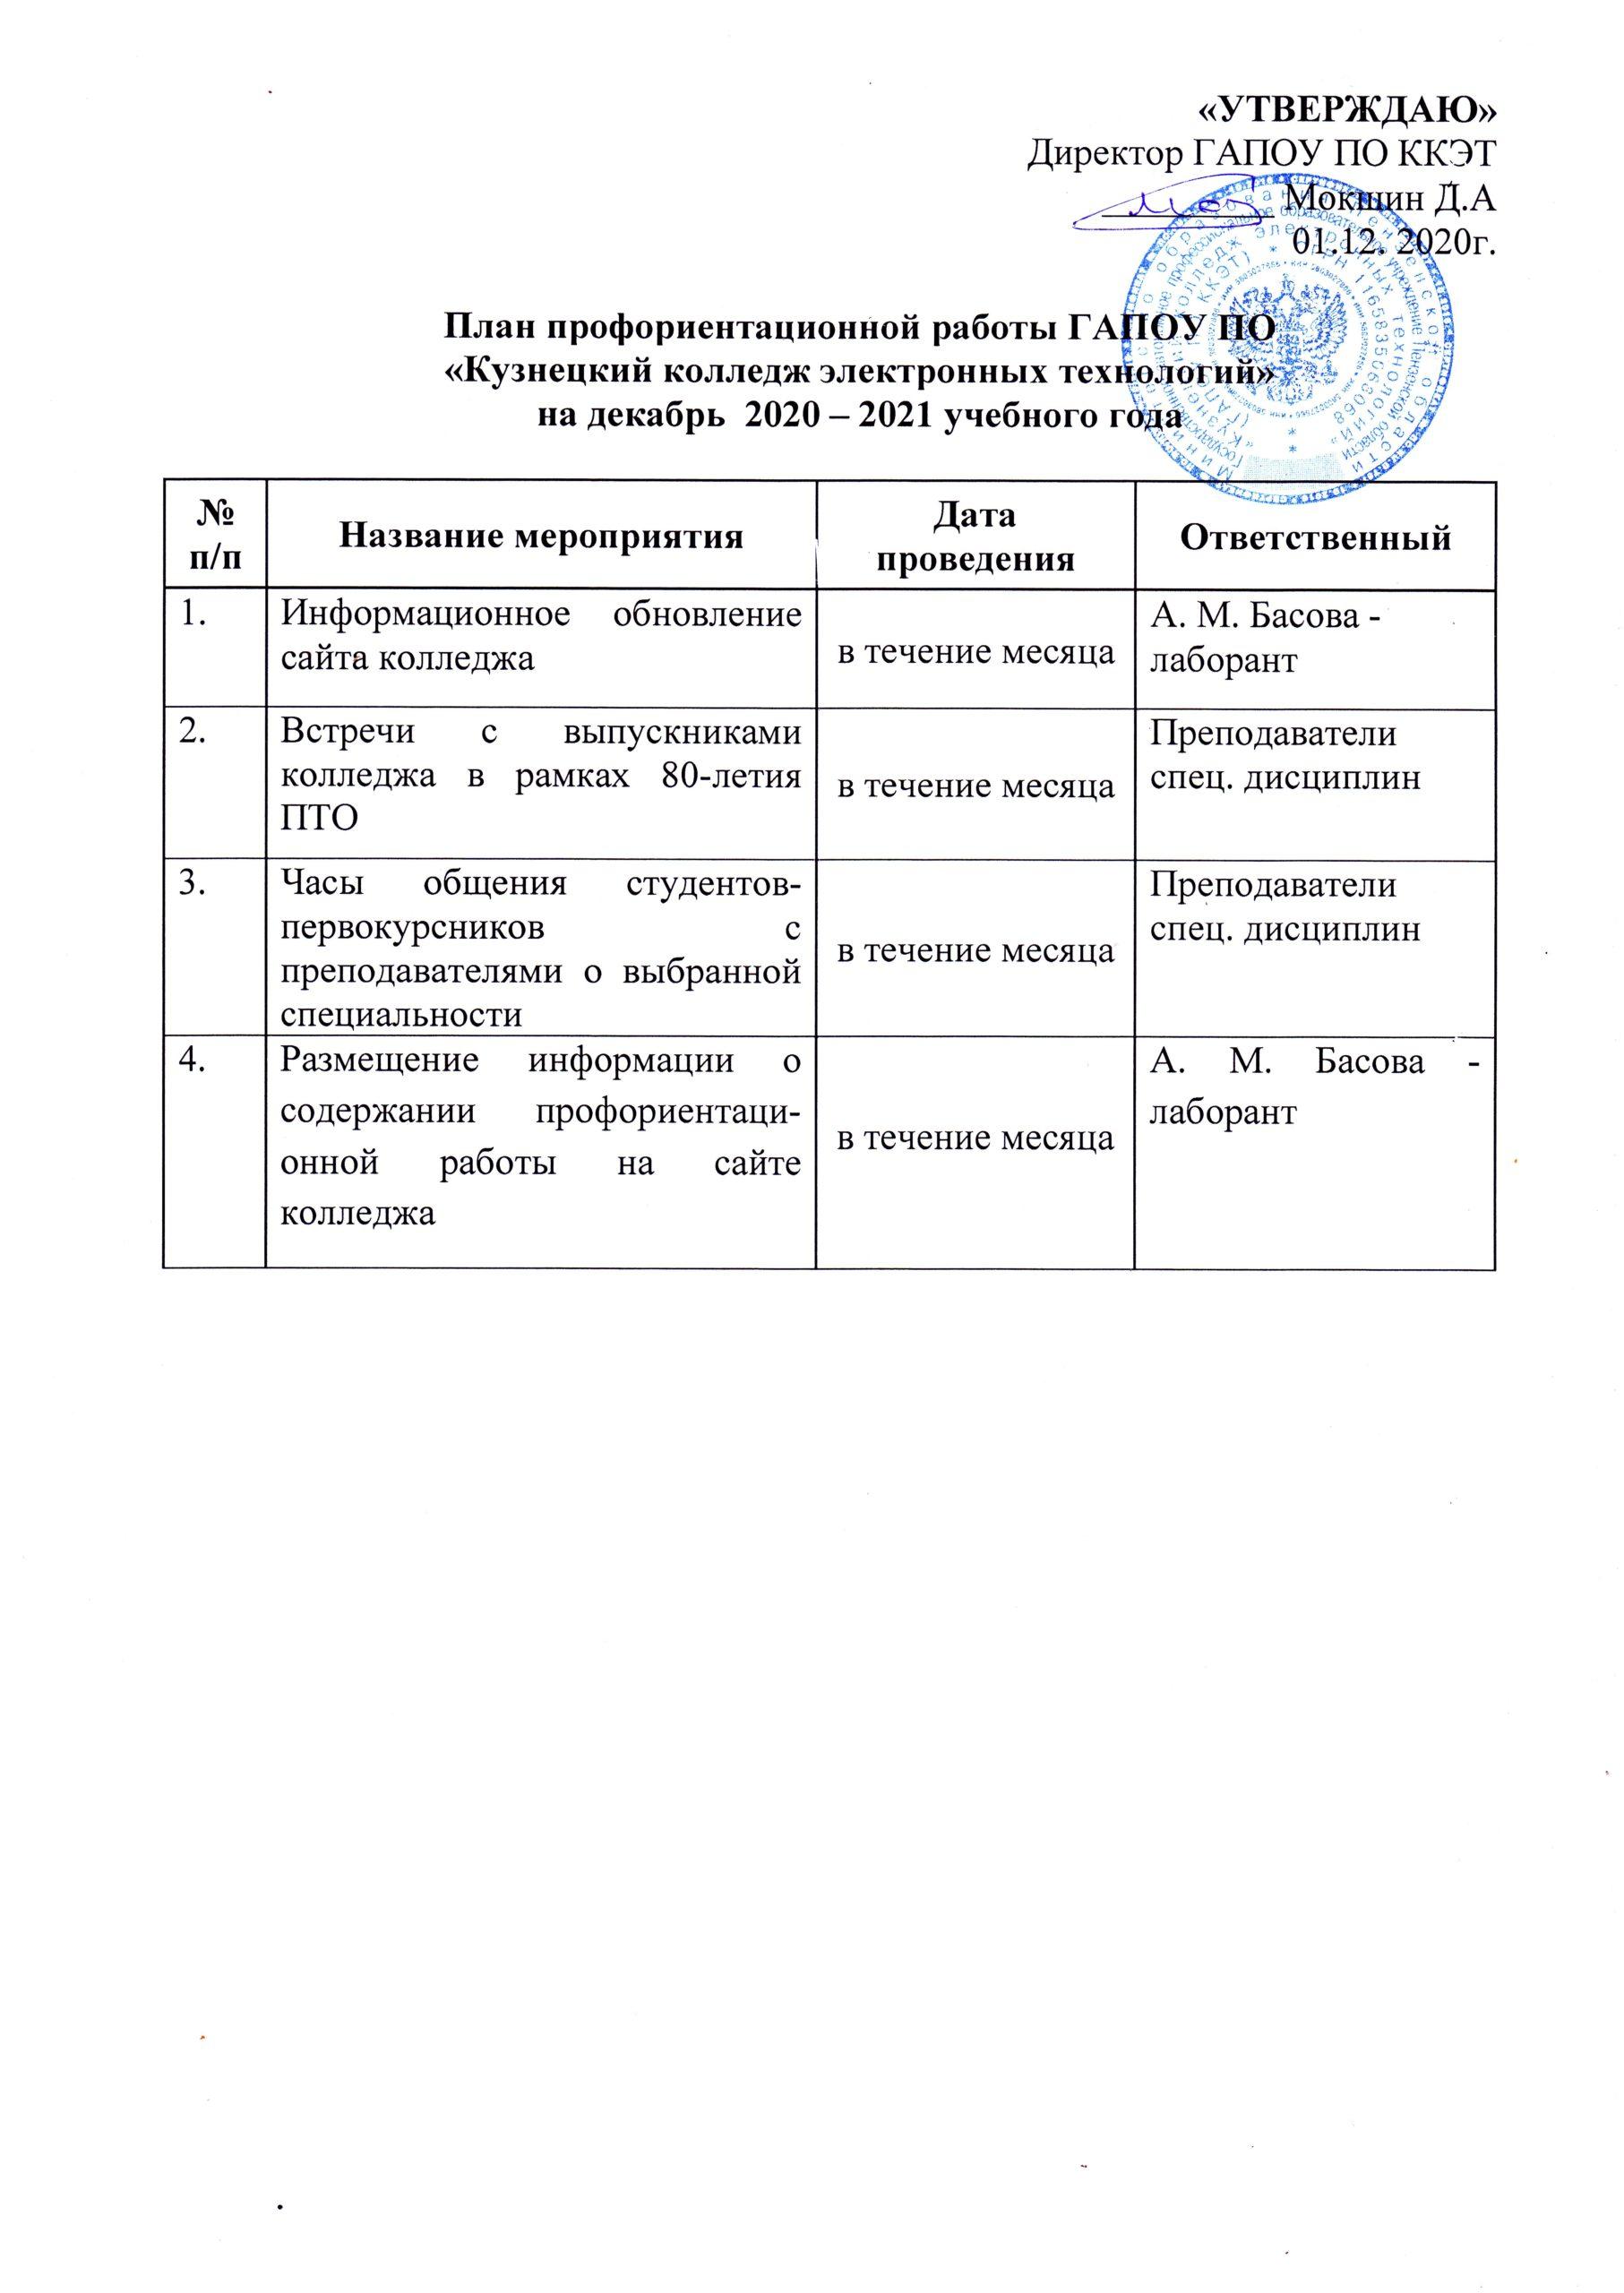 План профориентационной работы на декабрь 2020-2021 года